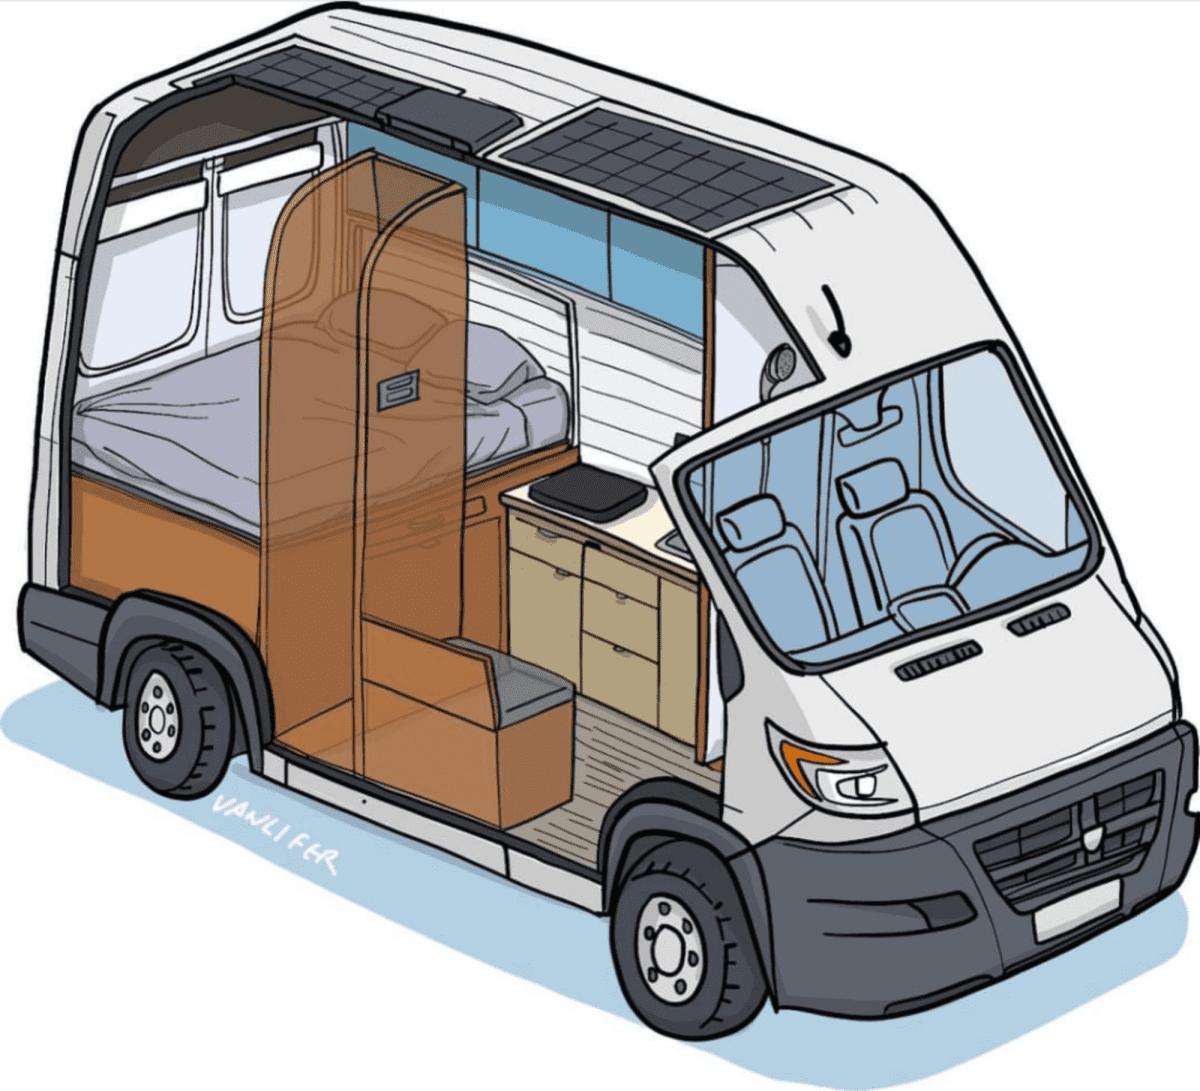 Van Life Aesthetic Van Life Budget Van Life Hacks Van Life Interior Van Life Vehicles In 2020 Recreational Vehicles Van Life Van